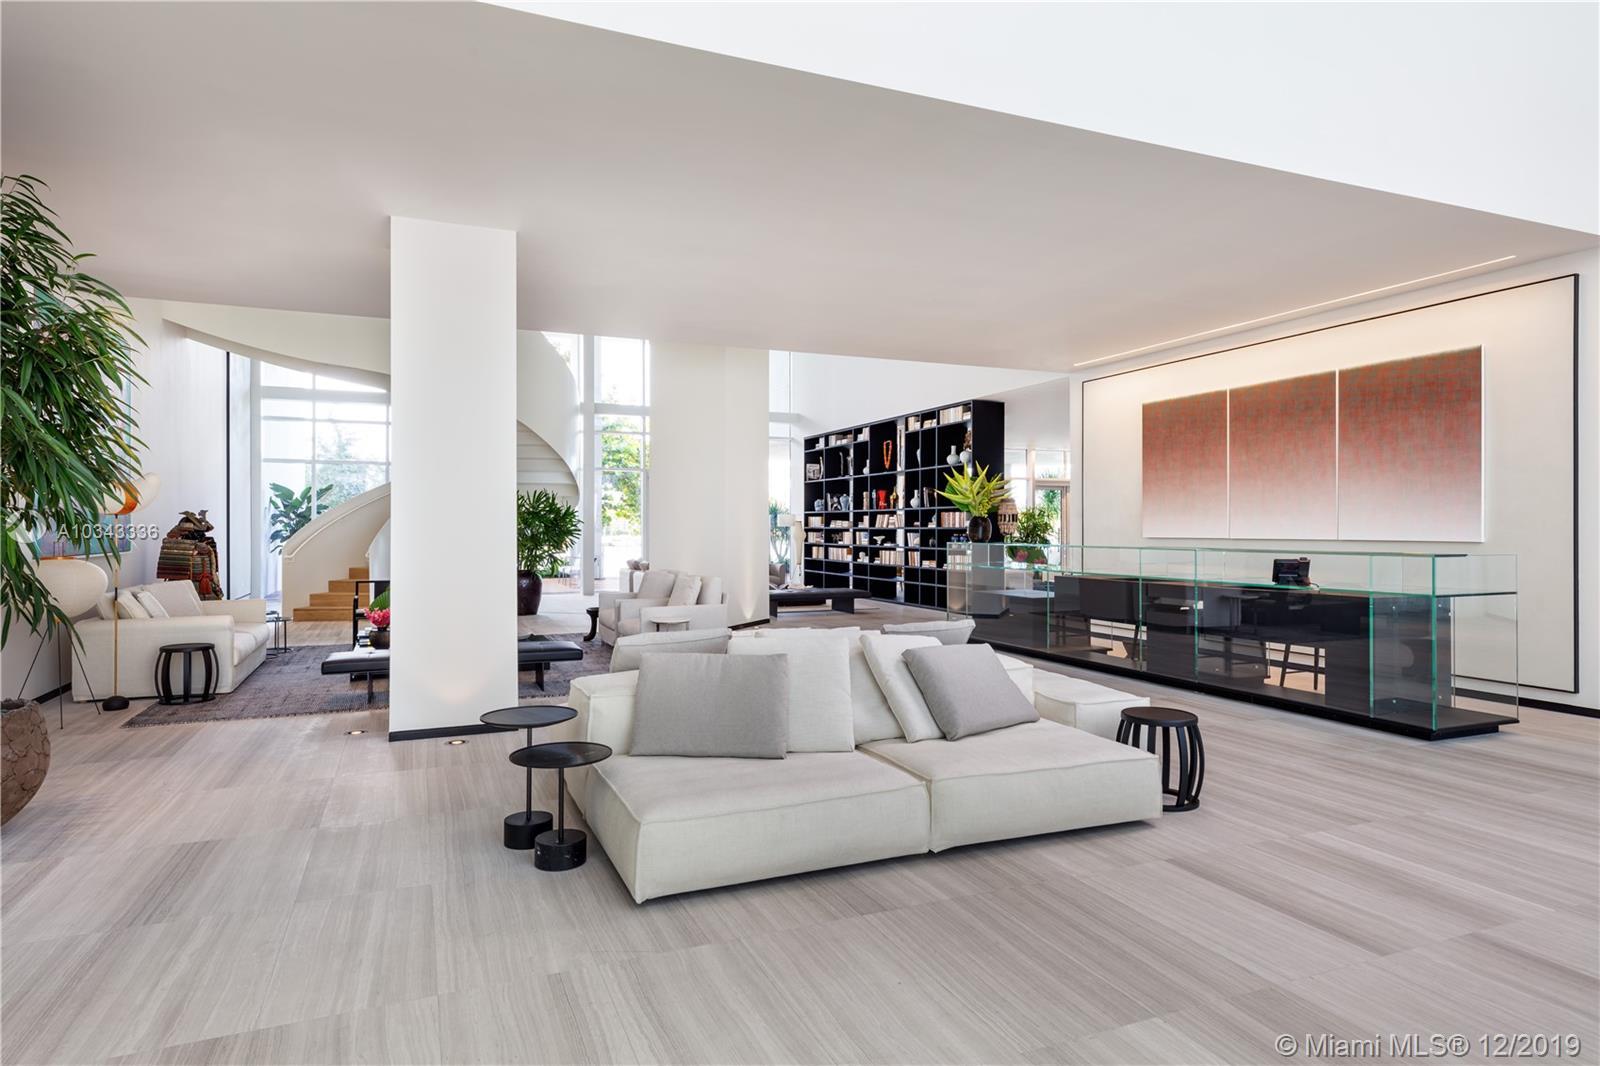 Photo of Ritz Carlton Miami Beach Apt PH16